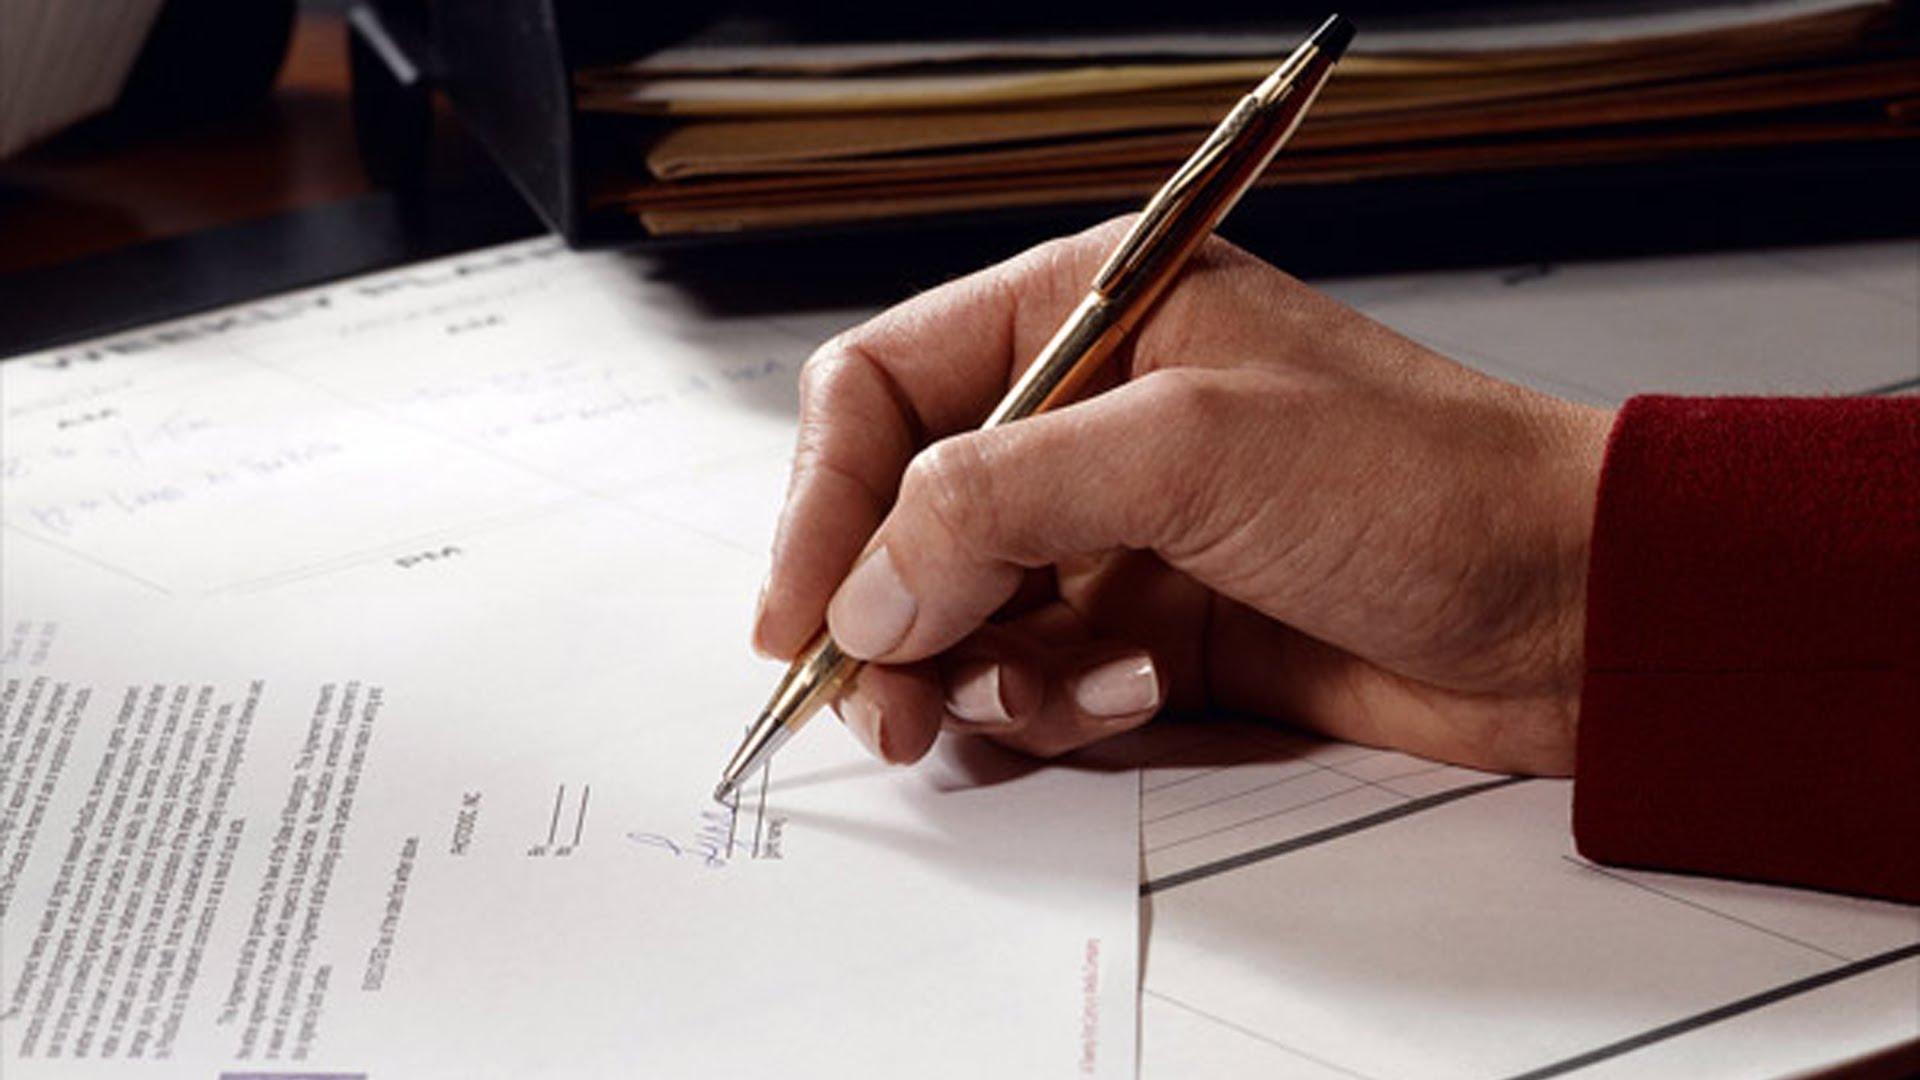 Какие документы нужны на собственность квартиры в наследство если я там прописана